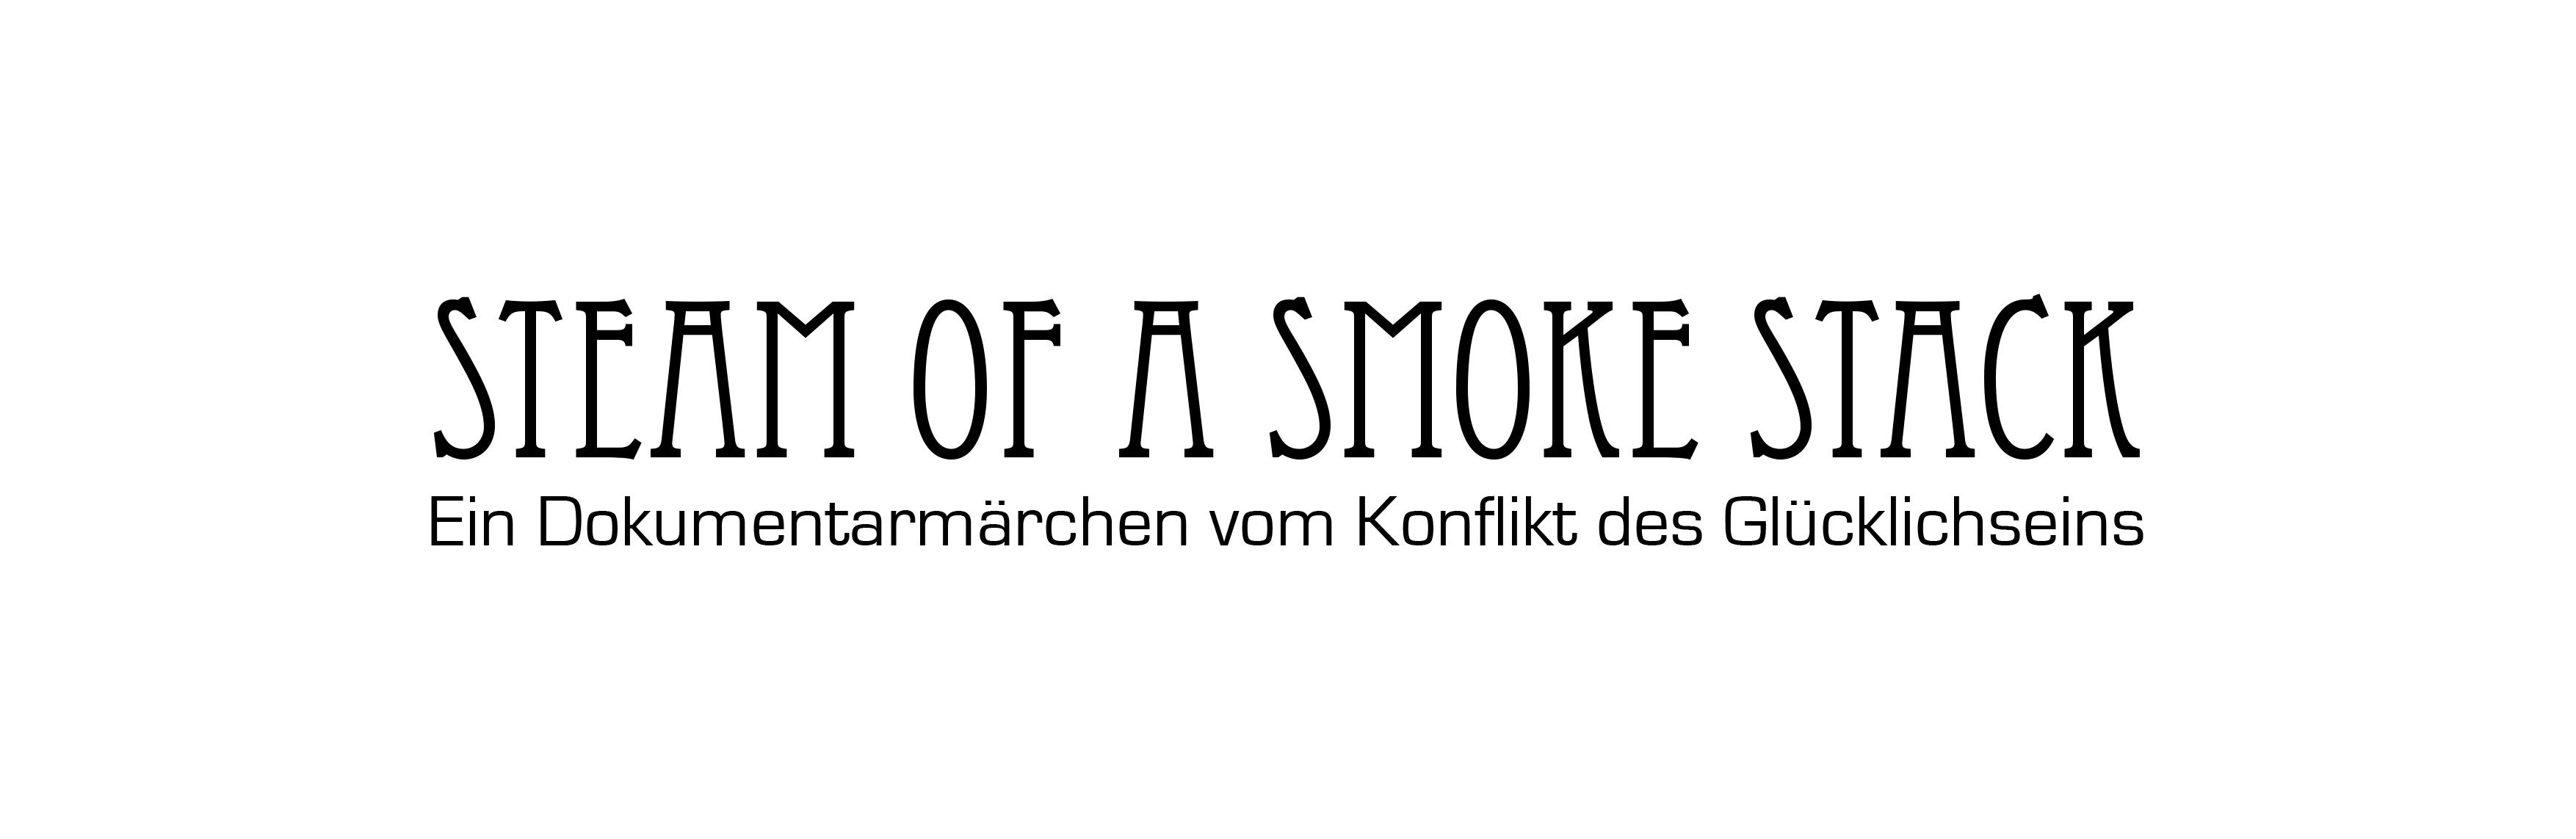 SOASS-header-logo